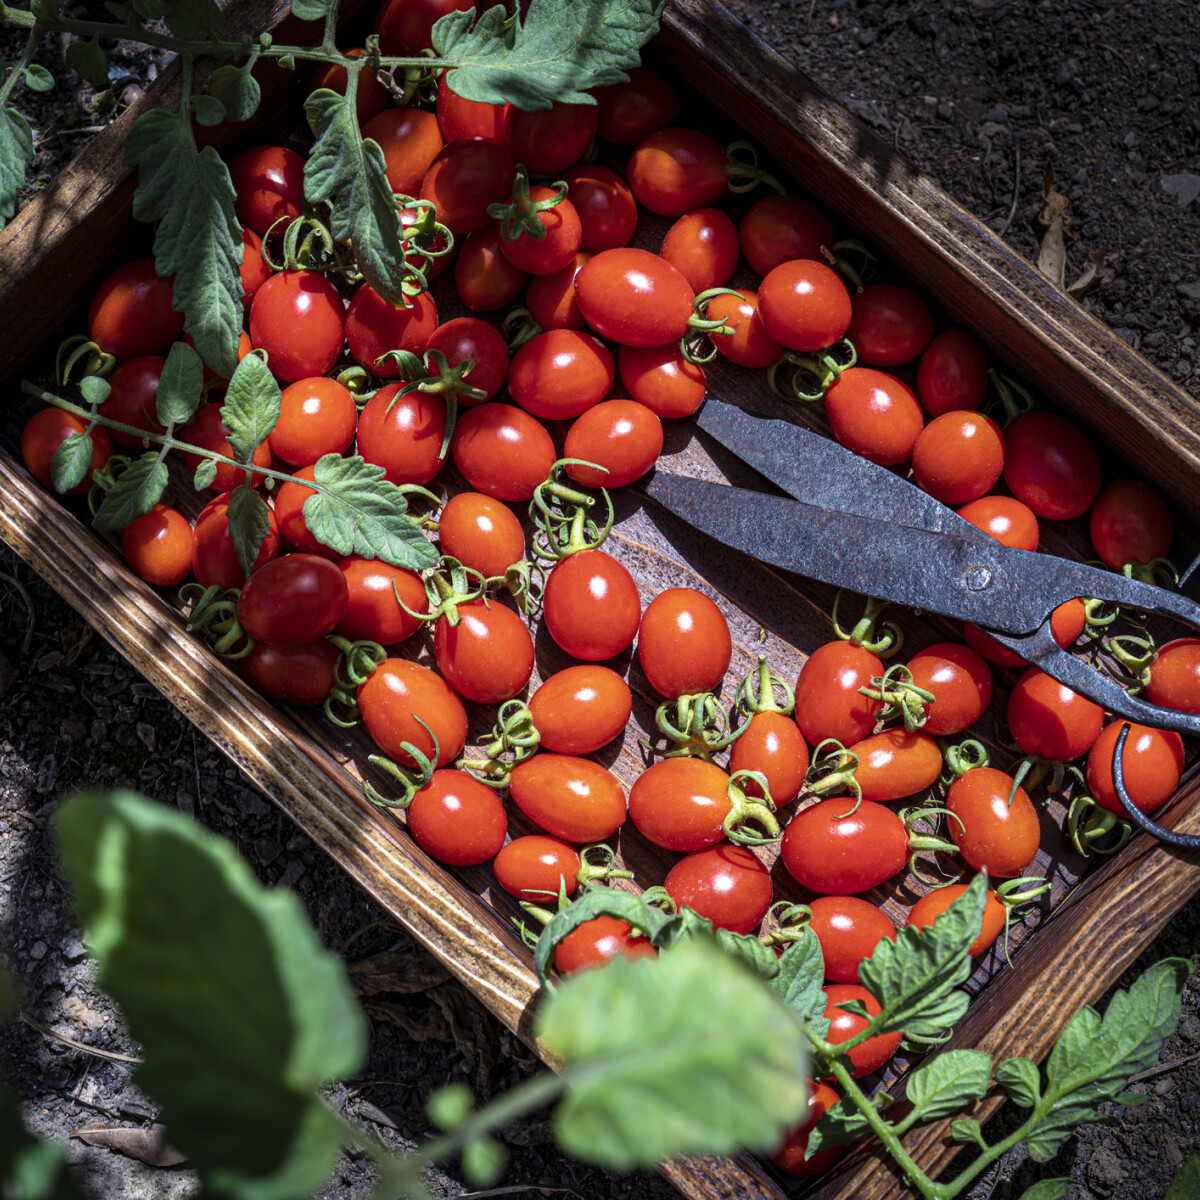 Ezek a legfontosabb júniusi kerti munkálatok, ha még ősszel is szép udvart akarsz